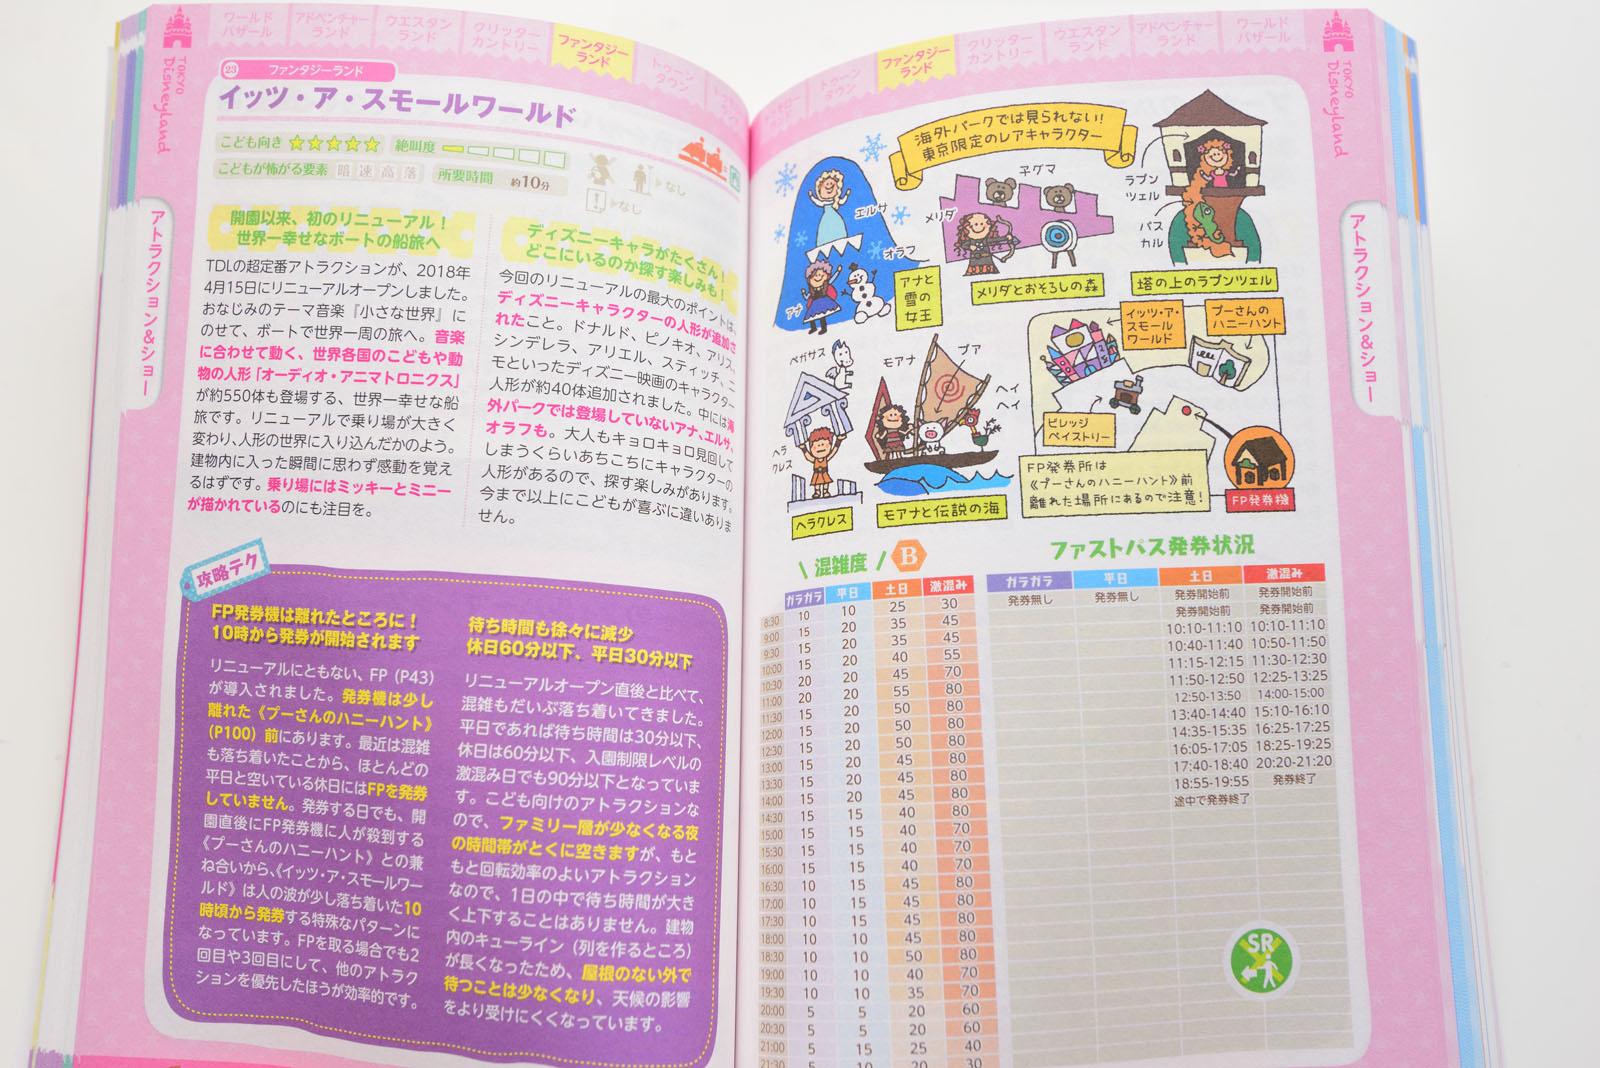 ポケット版 東京ディズニーランド&シー裏技ガイド2019